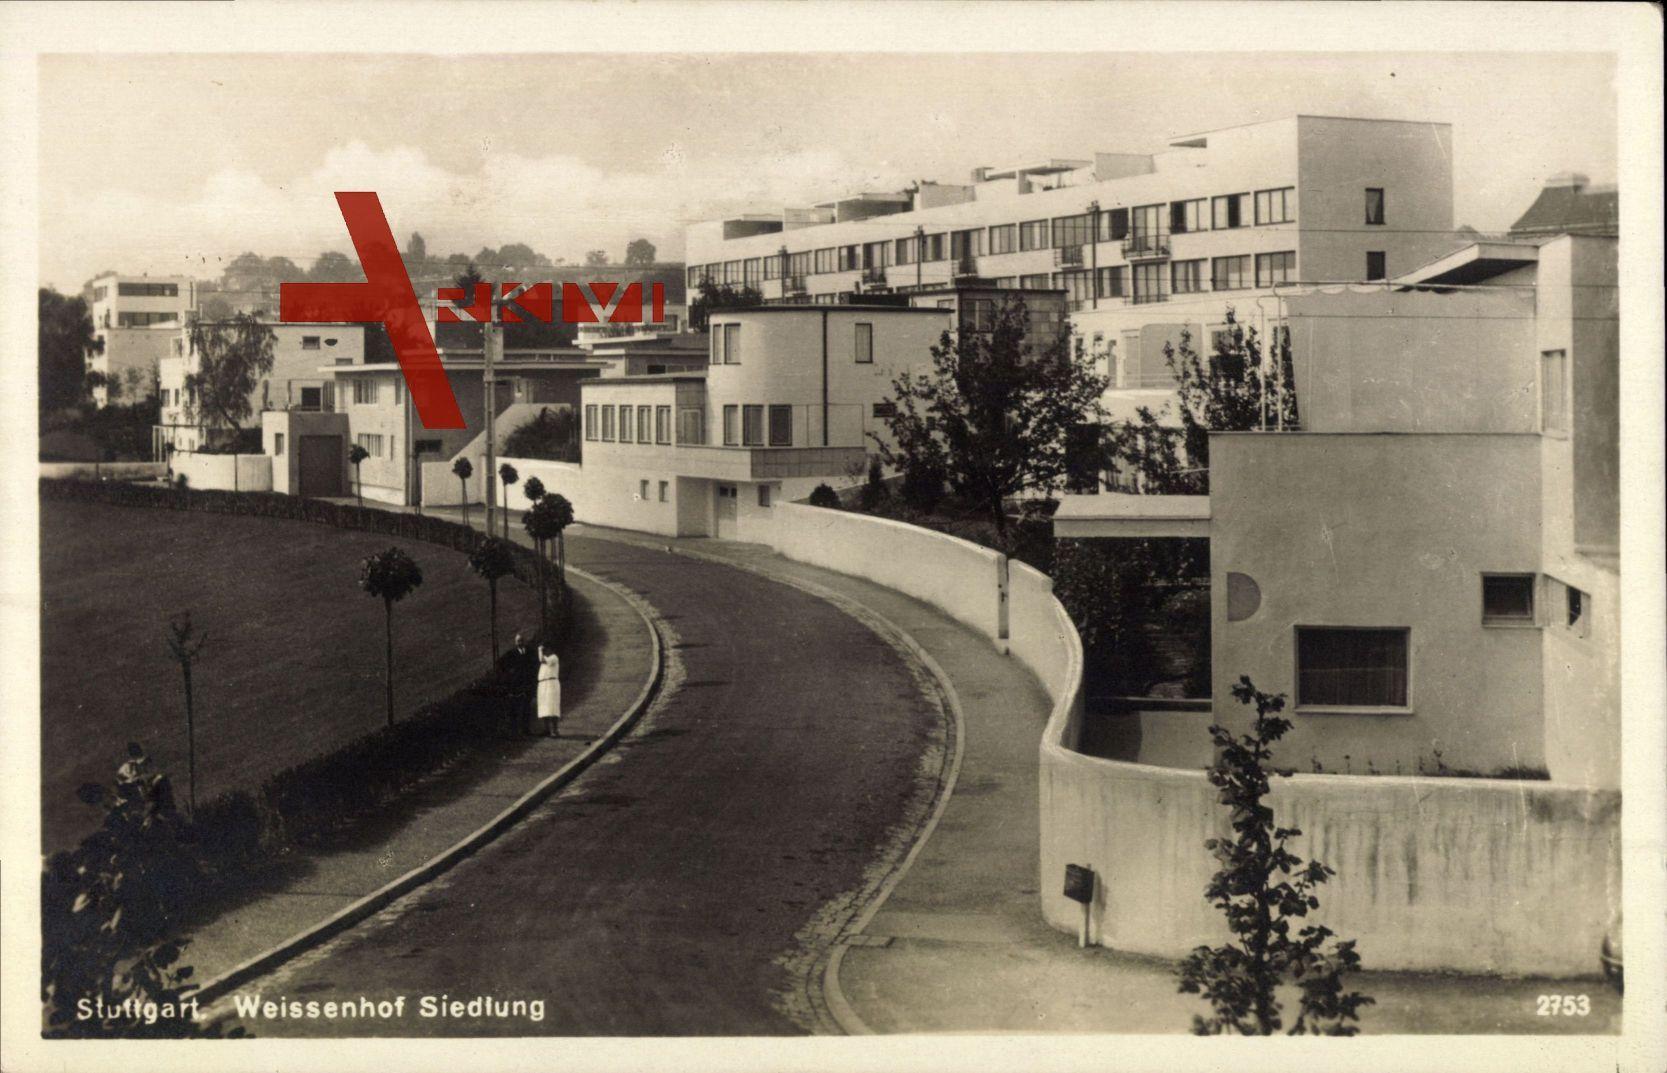 Stuttgart, Partie in der Weissenhofsiedlung, Wohnhäuser